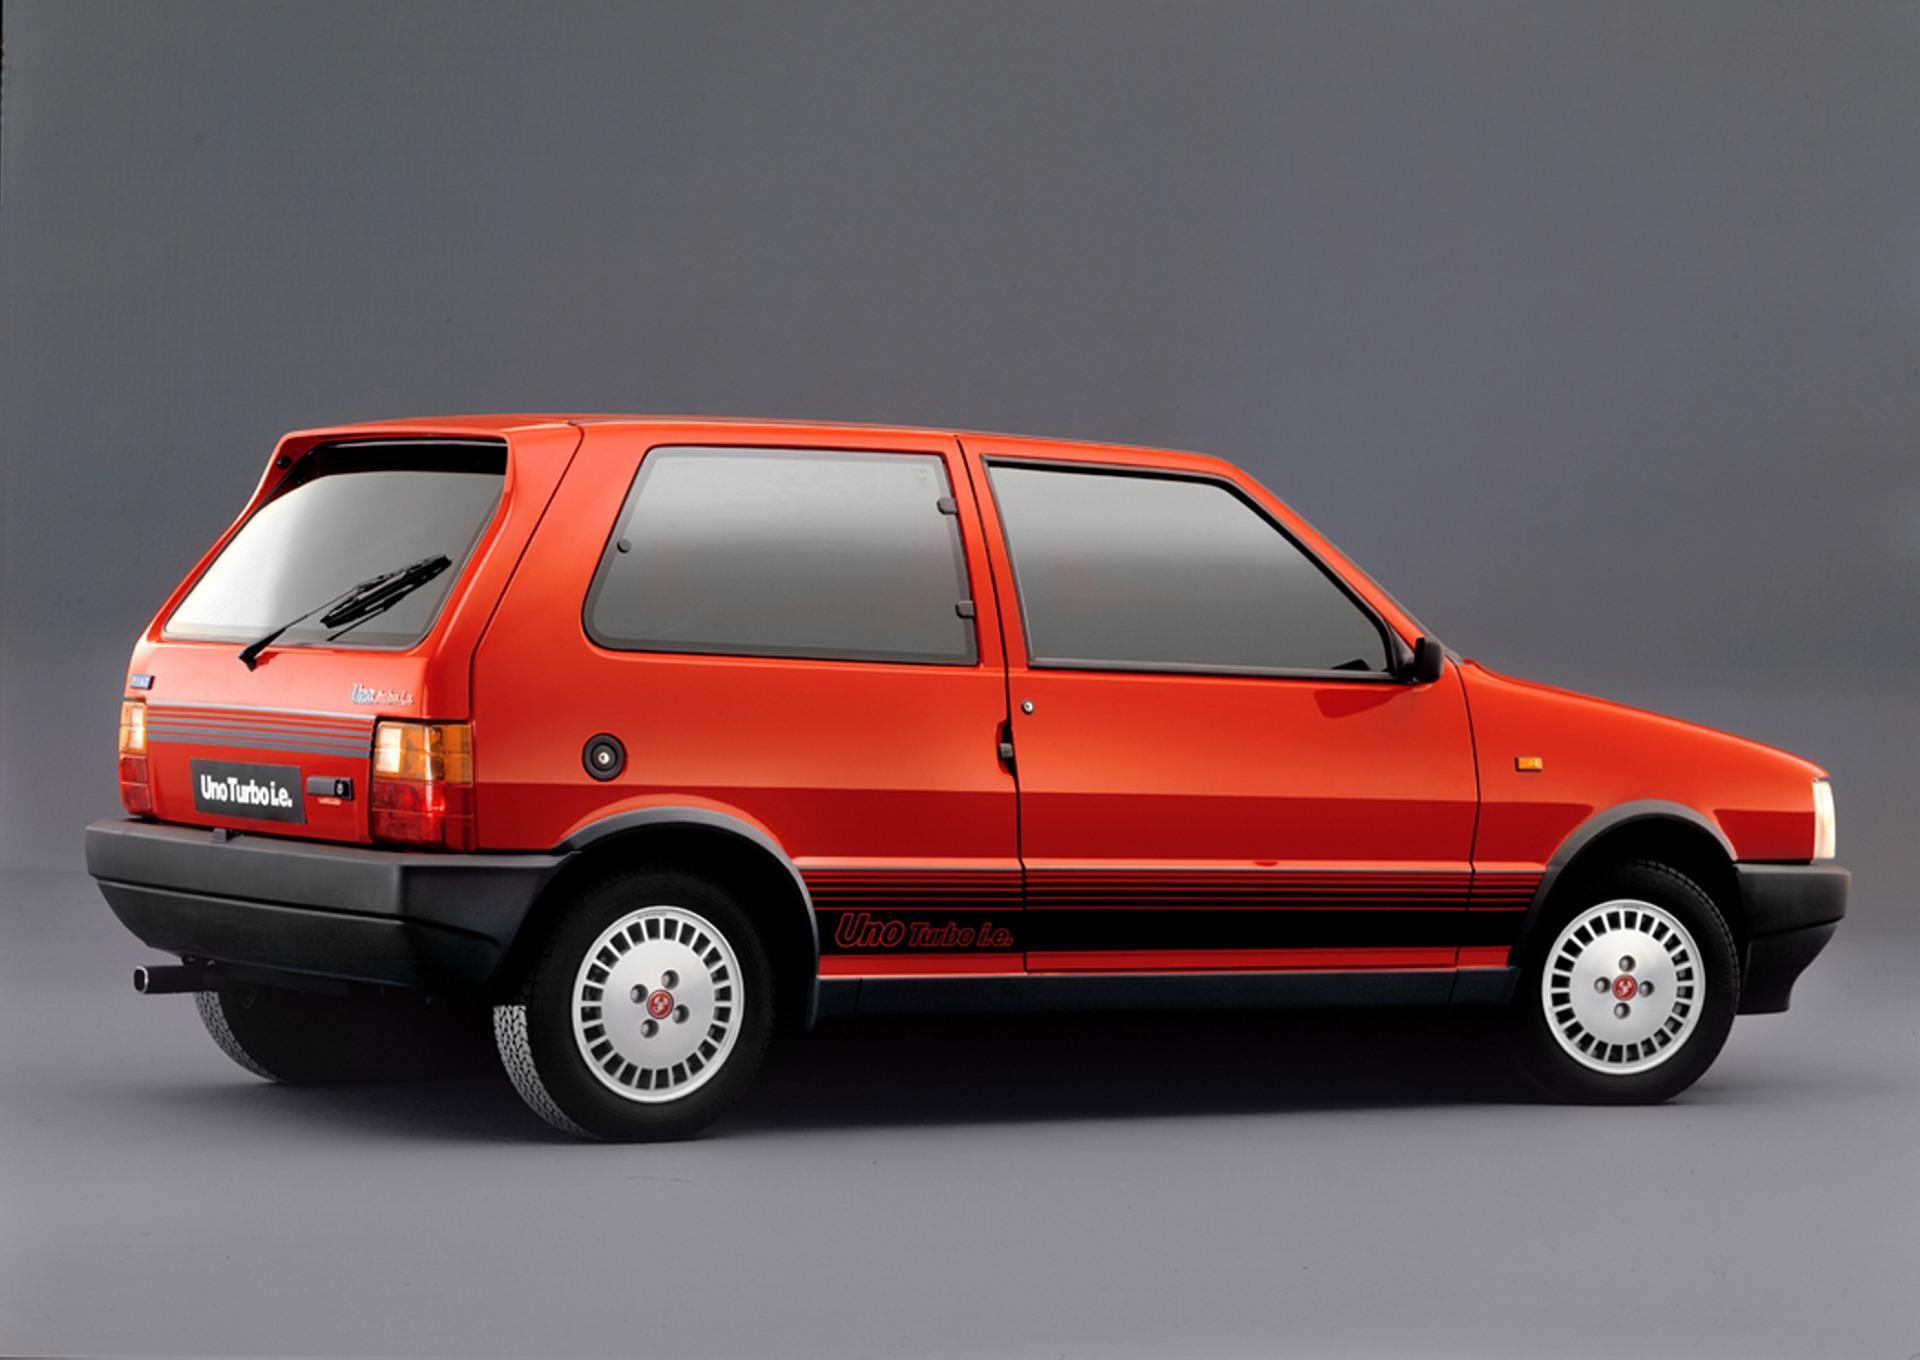 1983 Fiat Uno Image Https Www Conceptcarz Com Images